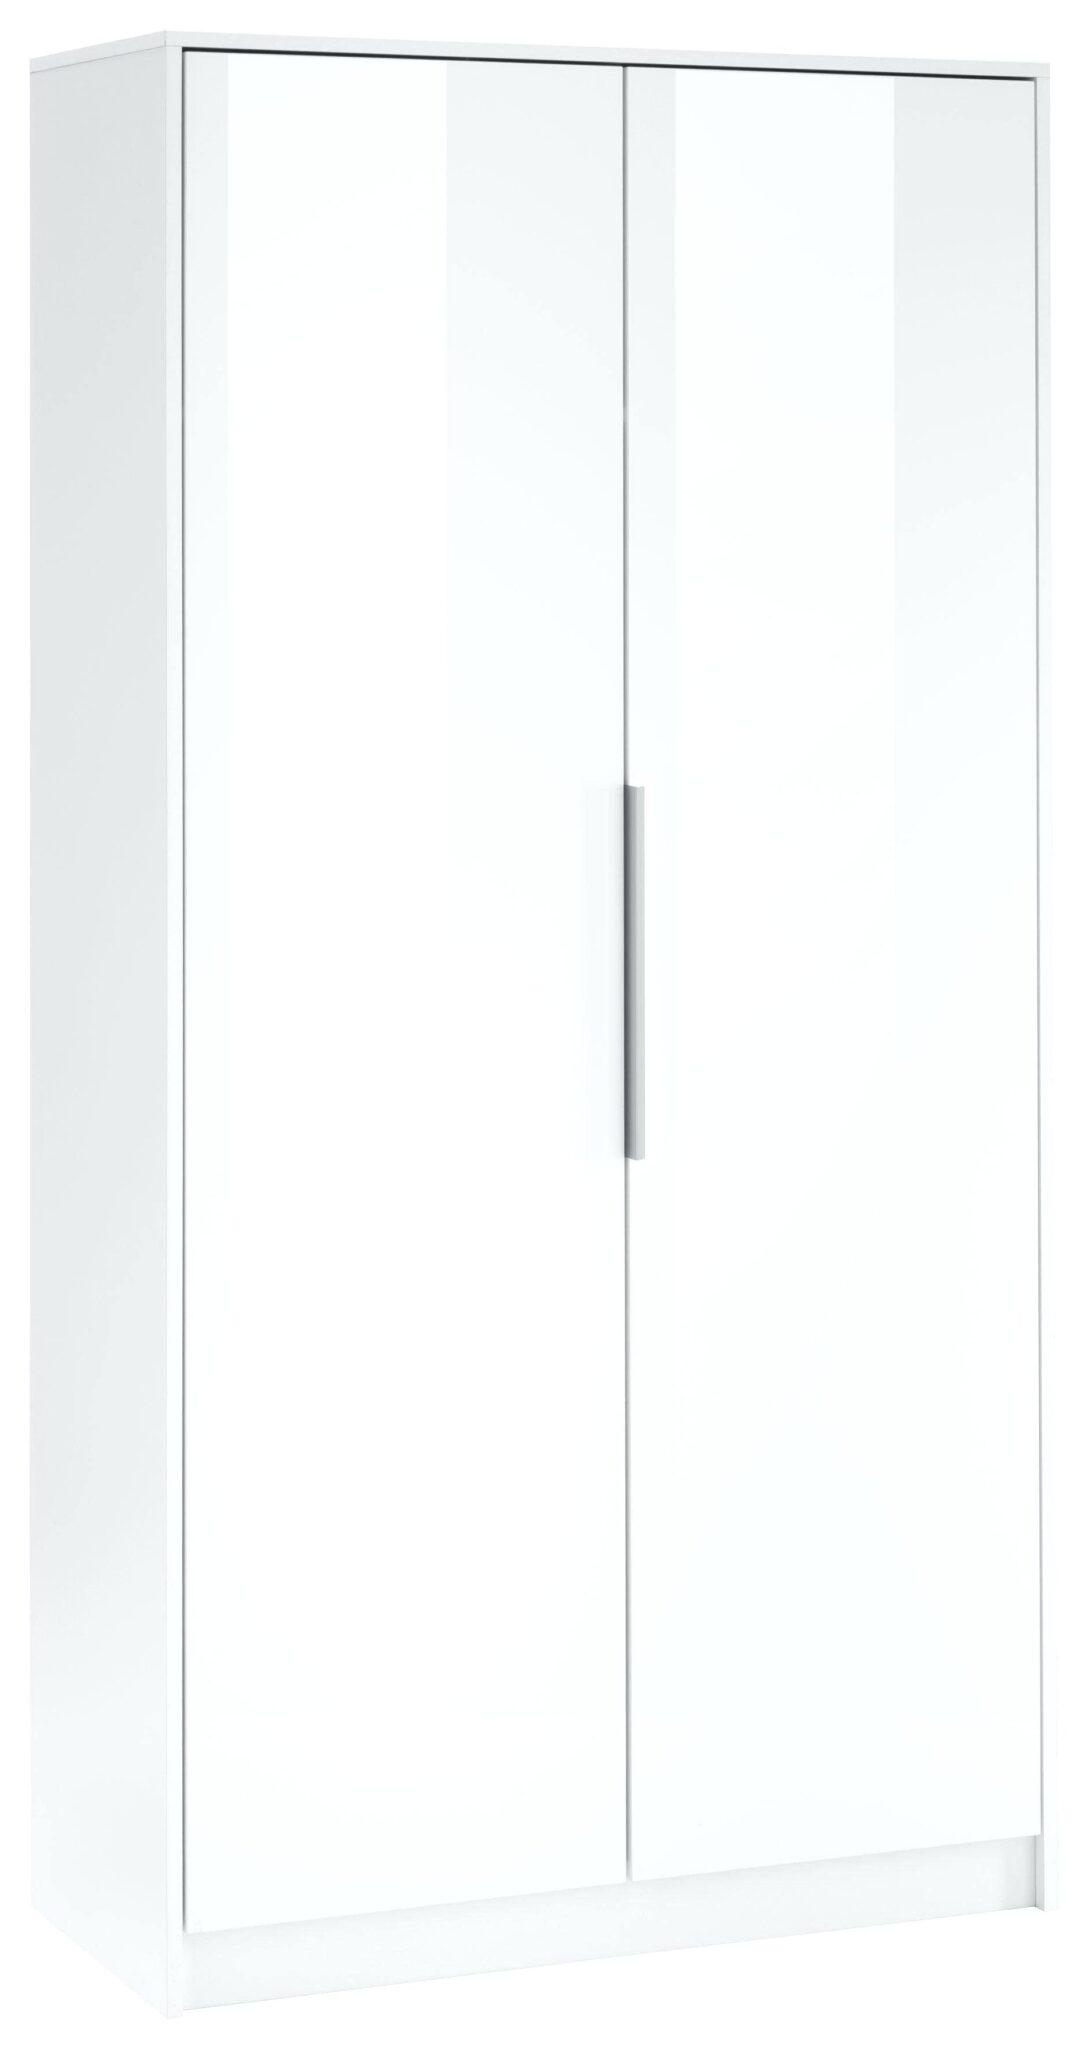 Large Size of Apothekerschrank Weiß Hochglanz Ikea Betten Küche Weiss Weißes Bett 140x200 Bad Hängeschrank Regal Metall Schwarz Weiße Regale Grau Holz Schlafzimmer Wohnzimmer Apothekerschrank Weiß Hochglanz Ikea